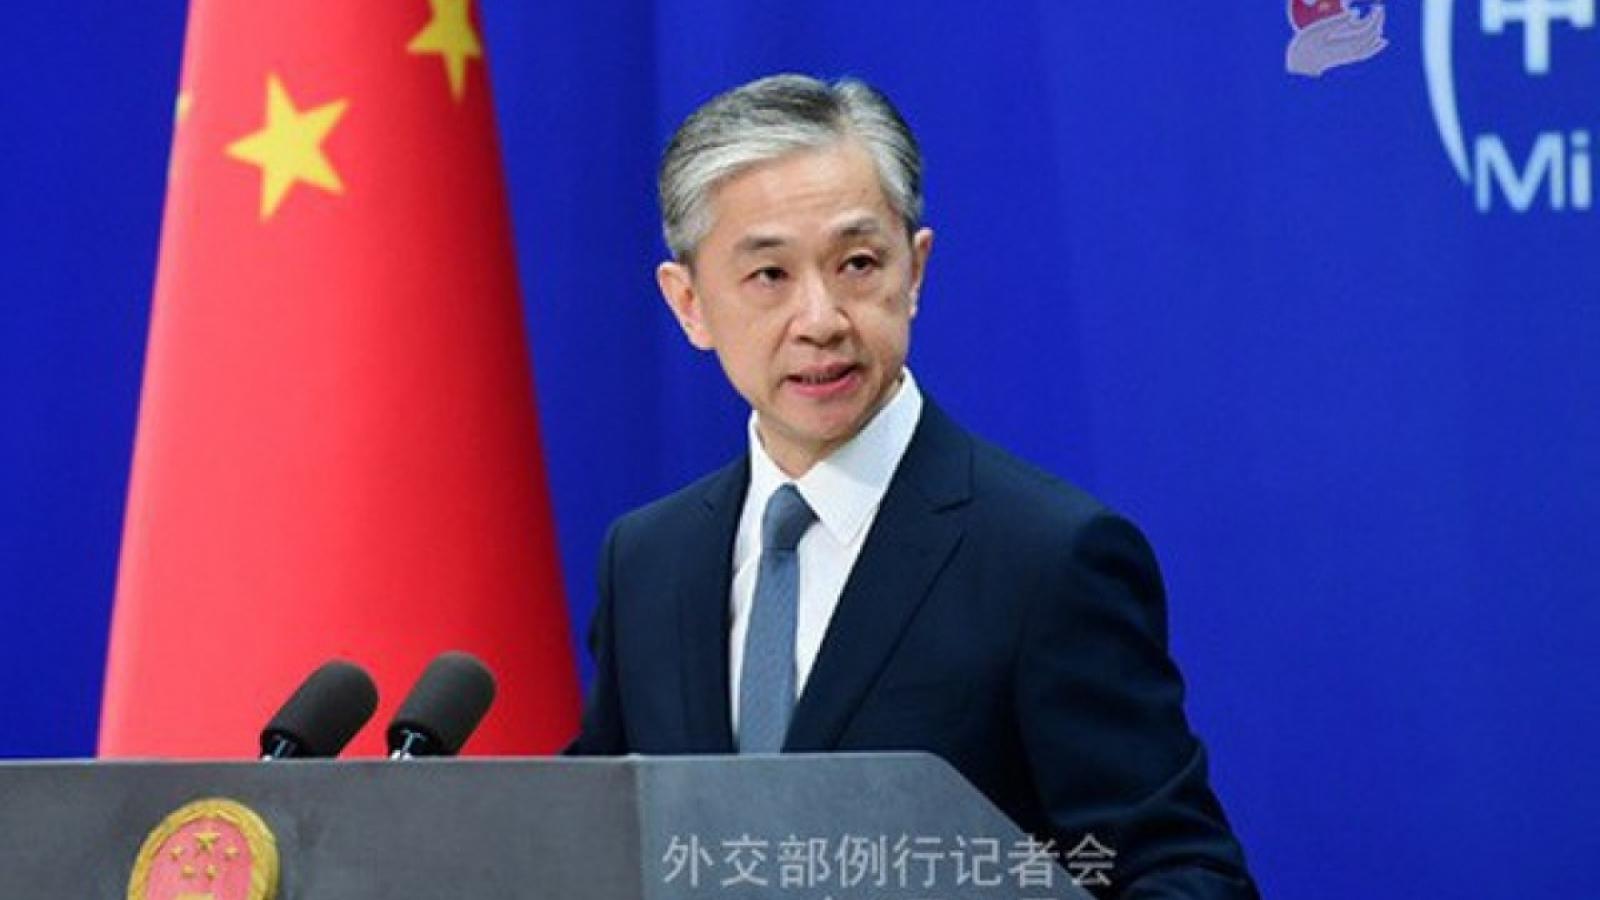 Trung Quốc yêu cầu Mỹ dừng dự luật Cạnh tranh và Sáng tạo